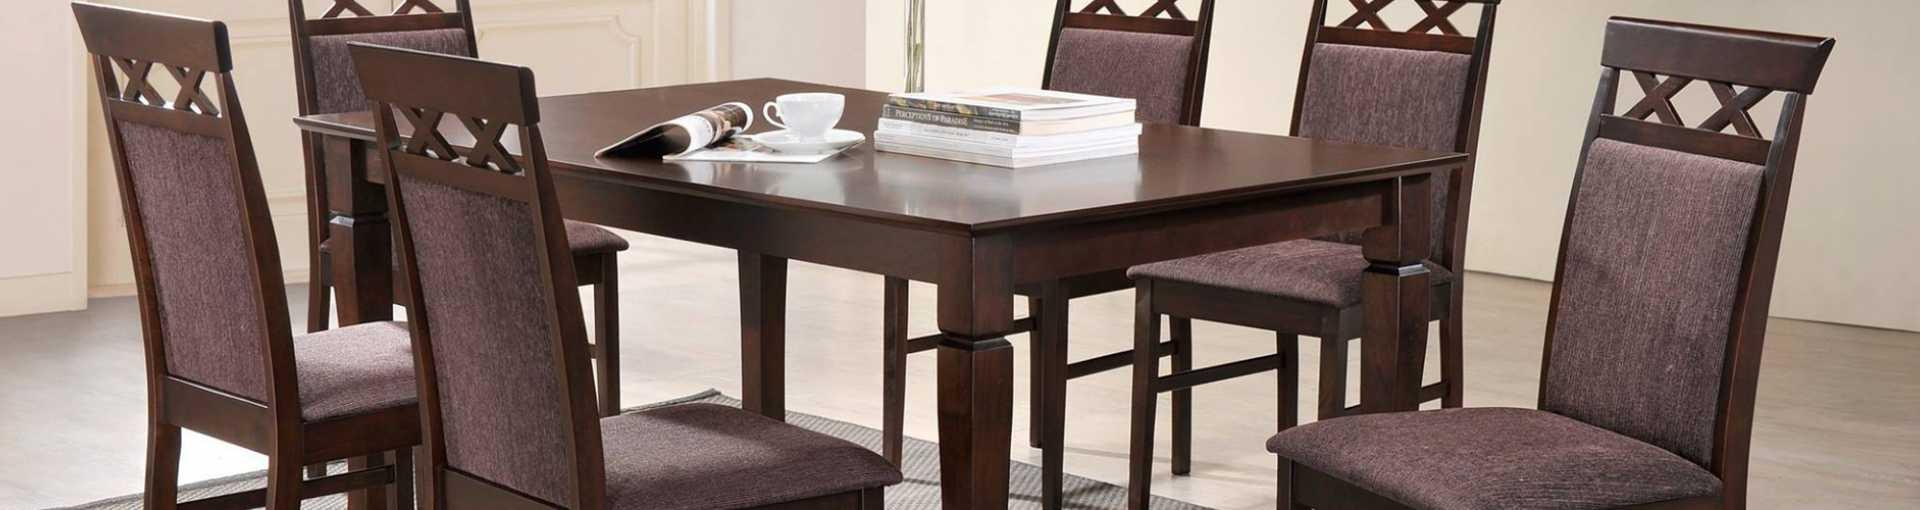 Maison ideale maison ideale d coration int rieure et ameublement meuble de bureau bizcongo - Maison ideale ...